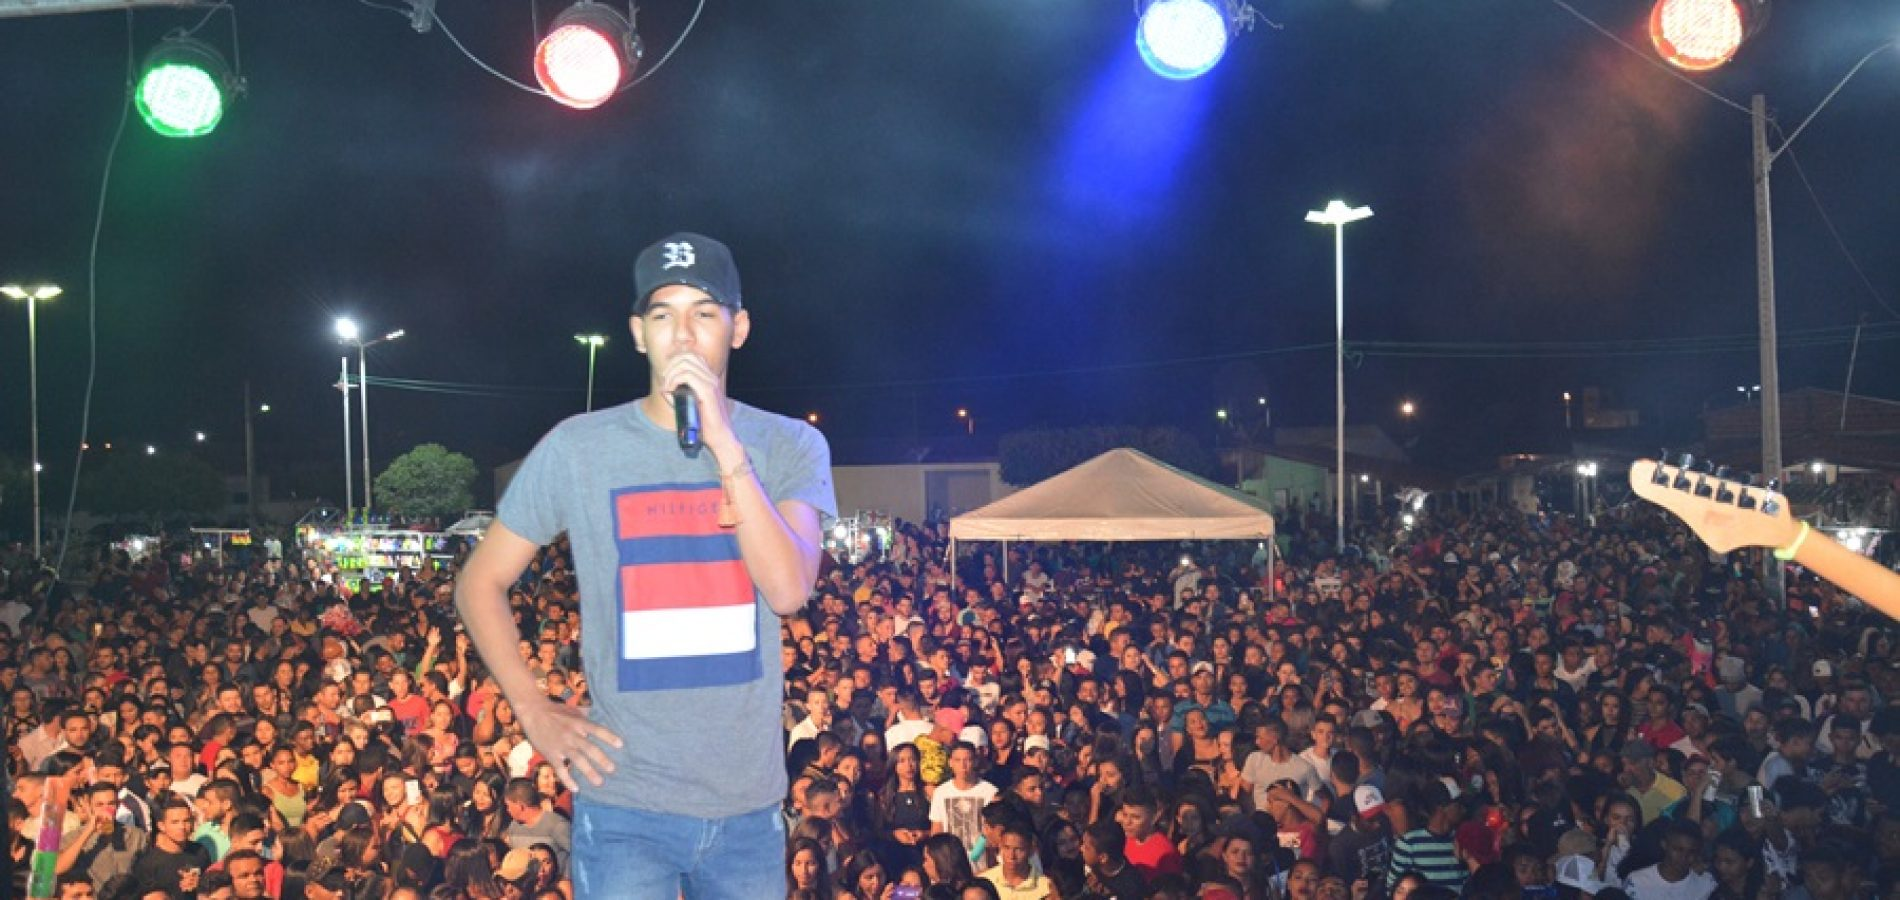 FOTOS   Final do Campeonato Intermunicipal e da festa com Zé Vaqueiro em Campo Grande do Piauí